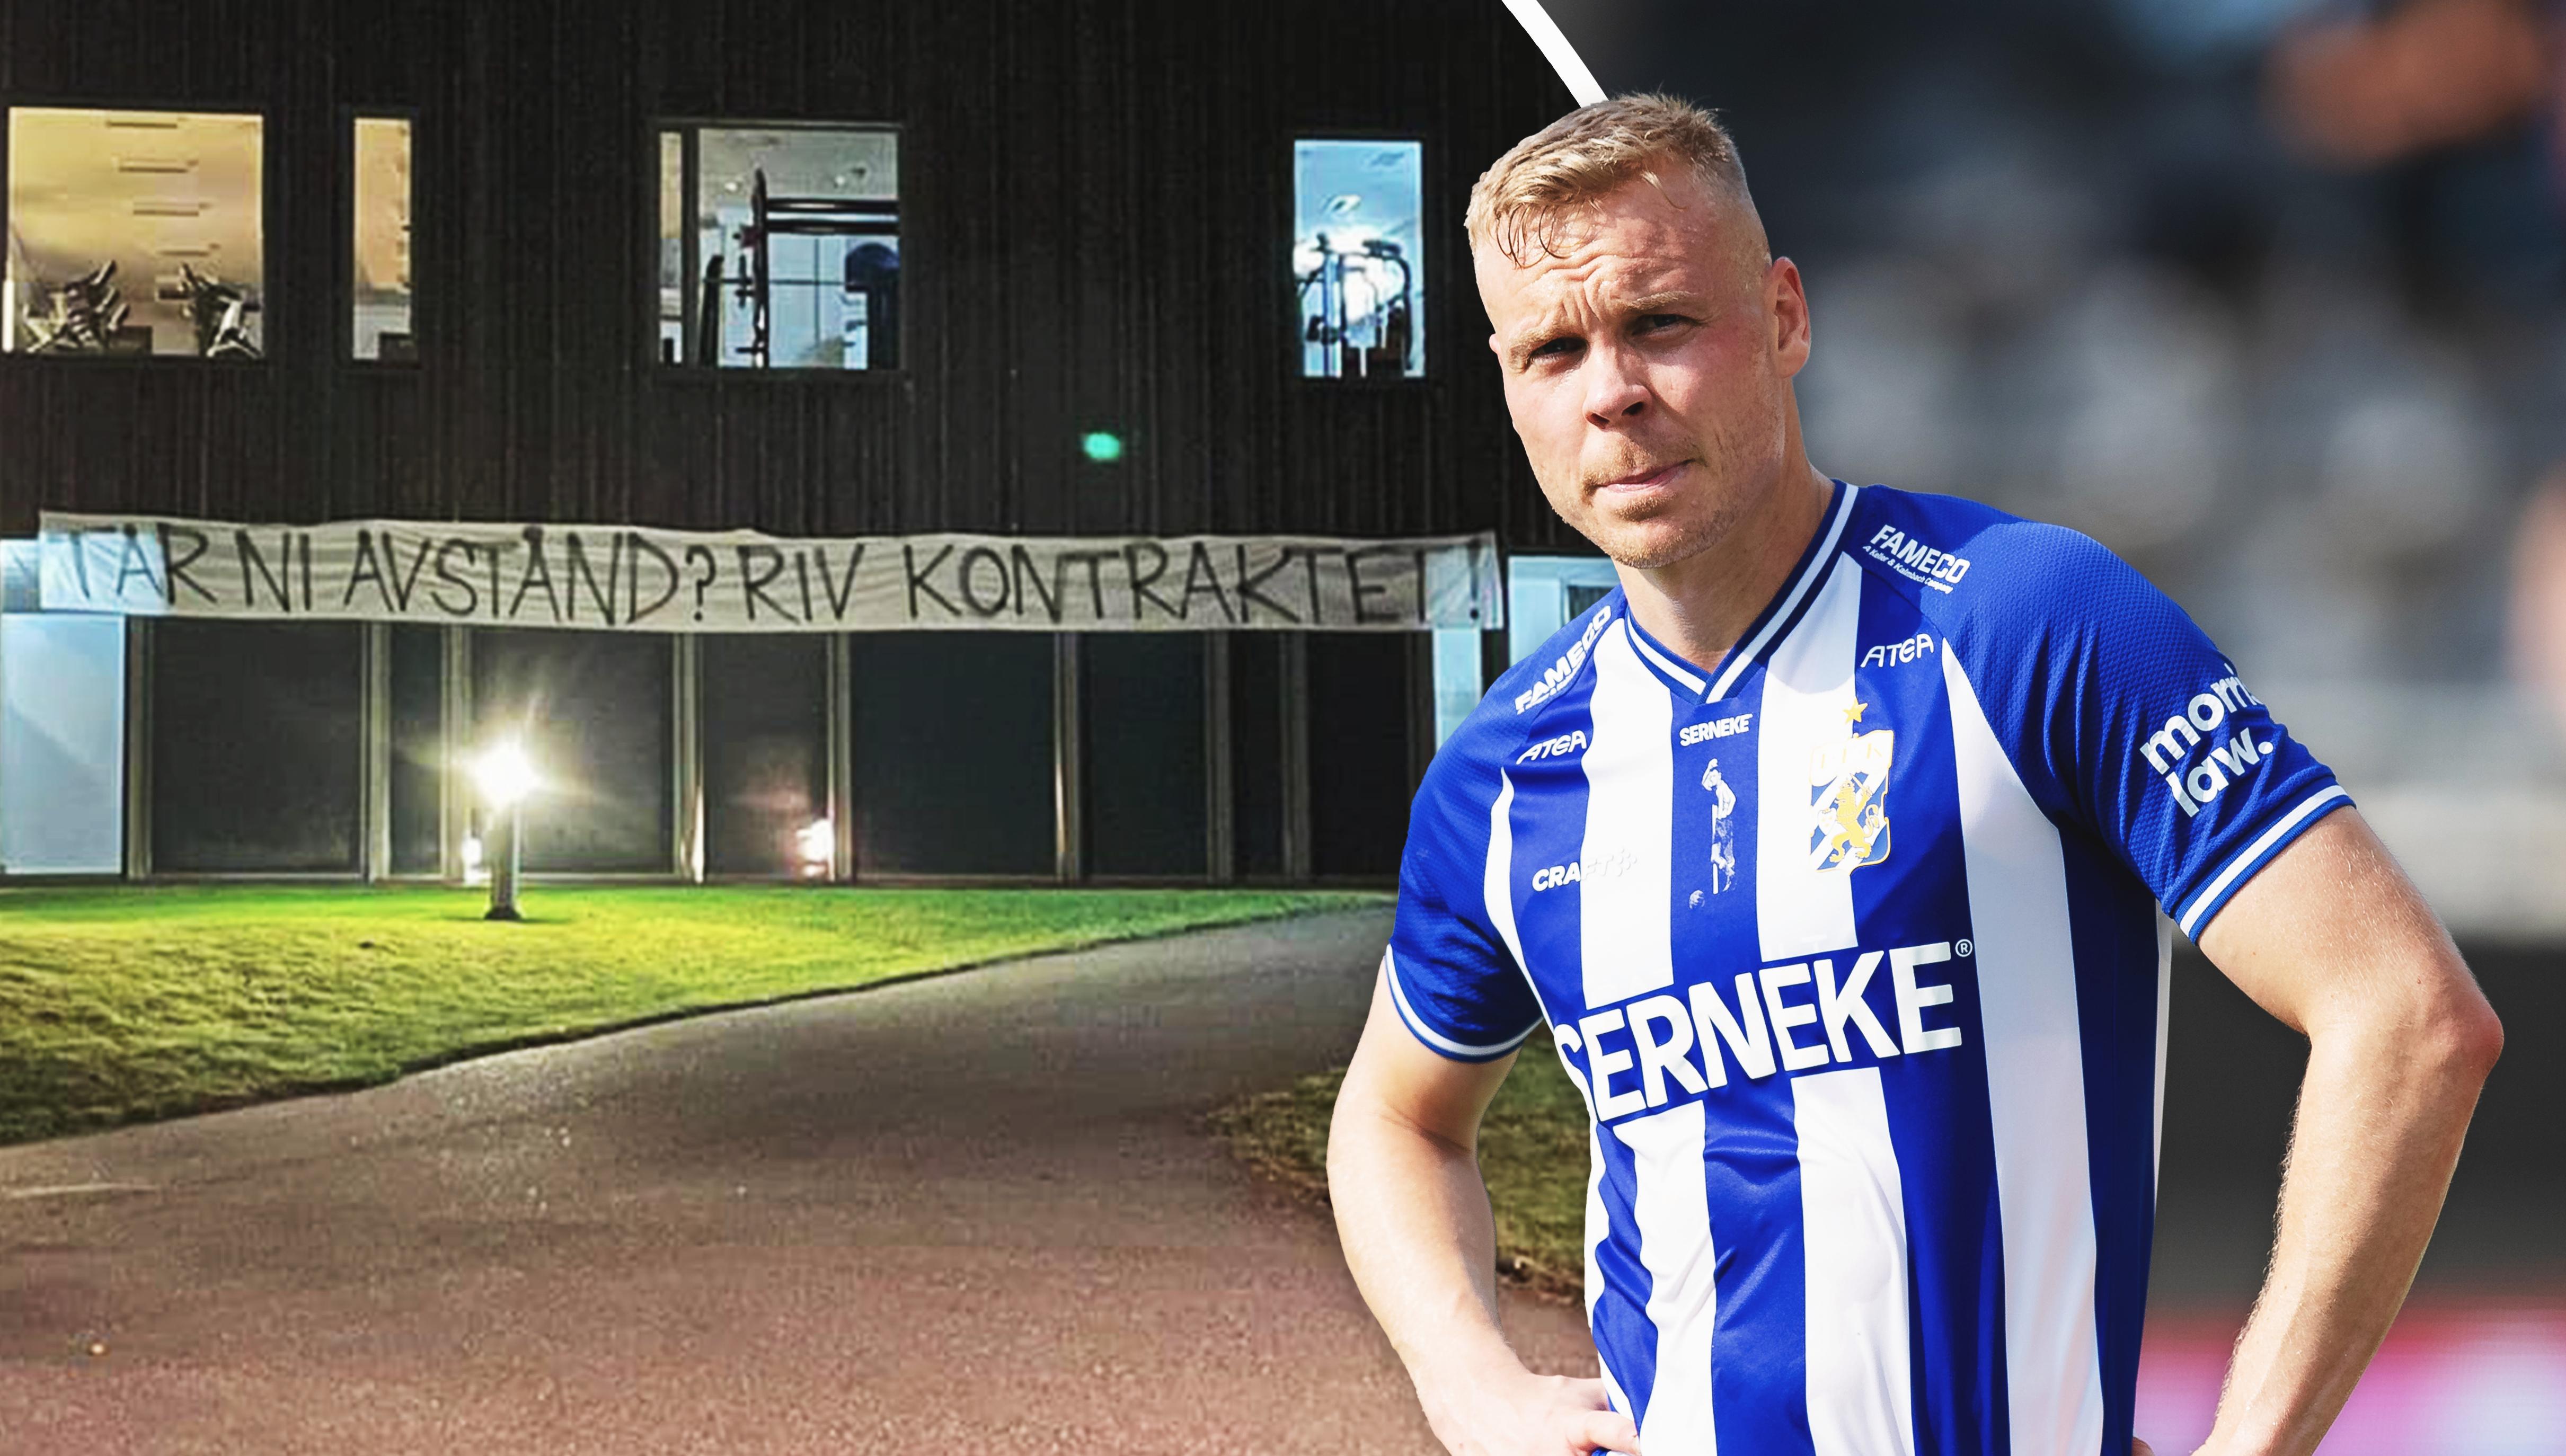 """Fansens krav på Blåvitt: """"Riv kontraktet med Sigthorsson"""""""